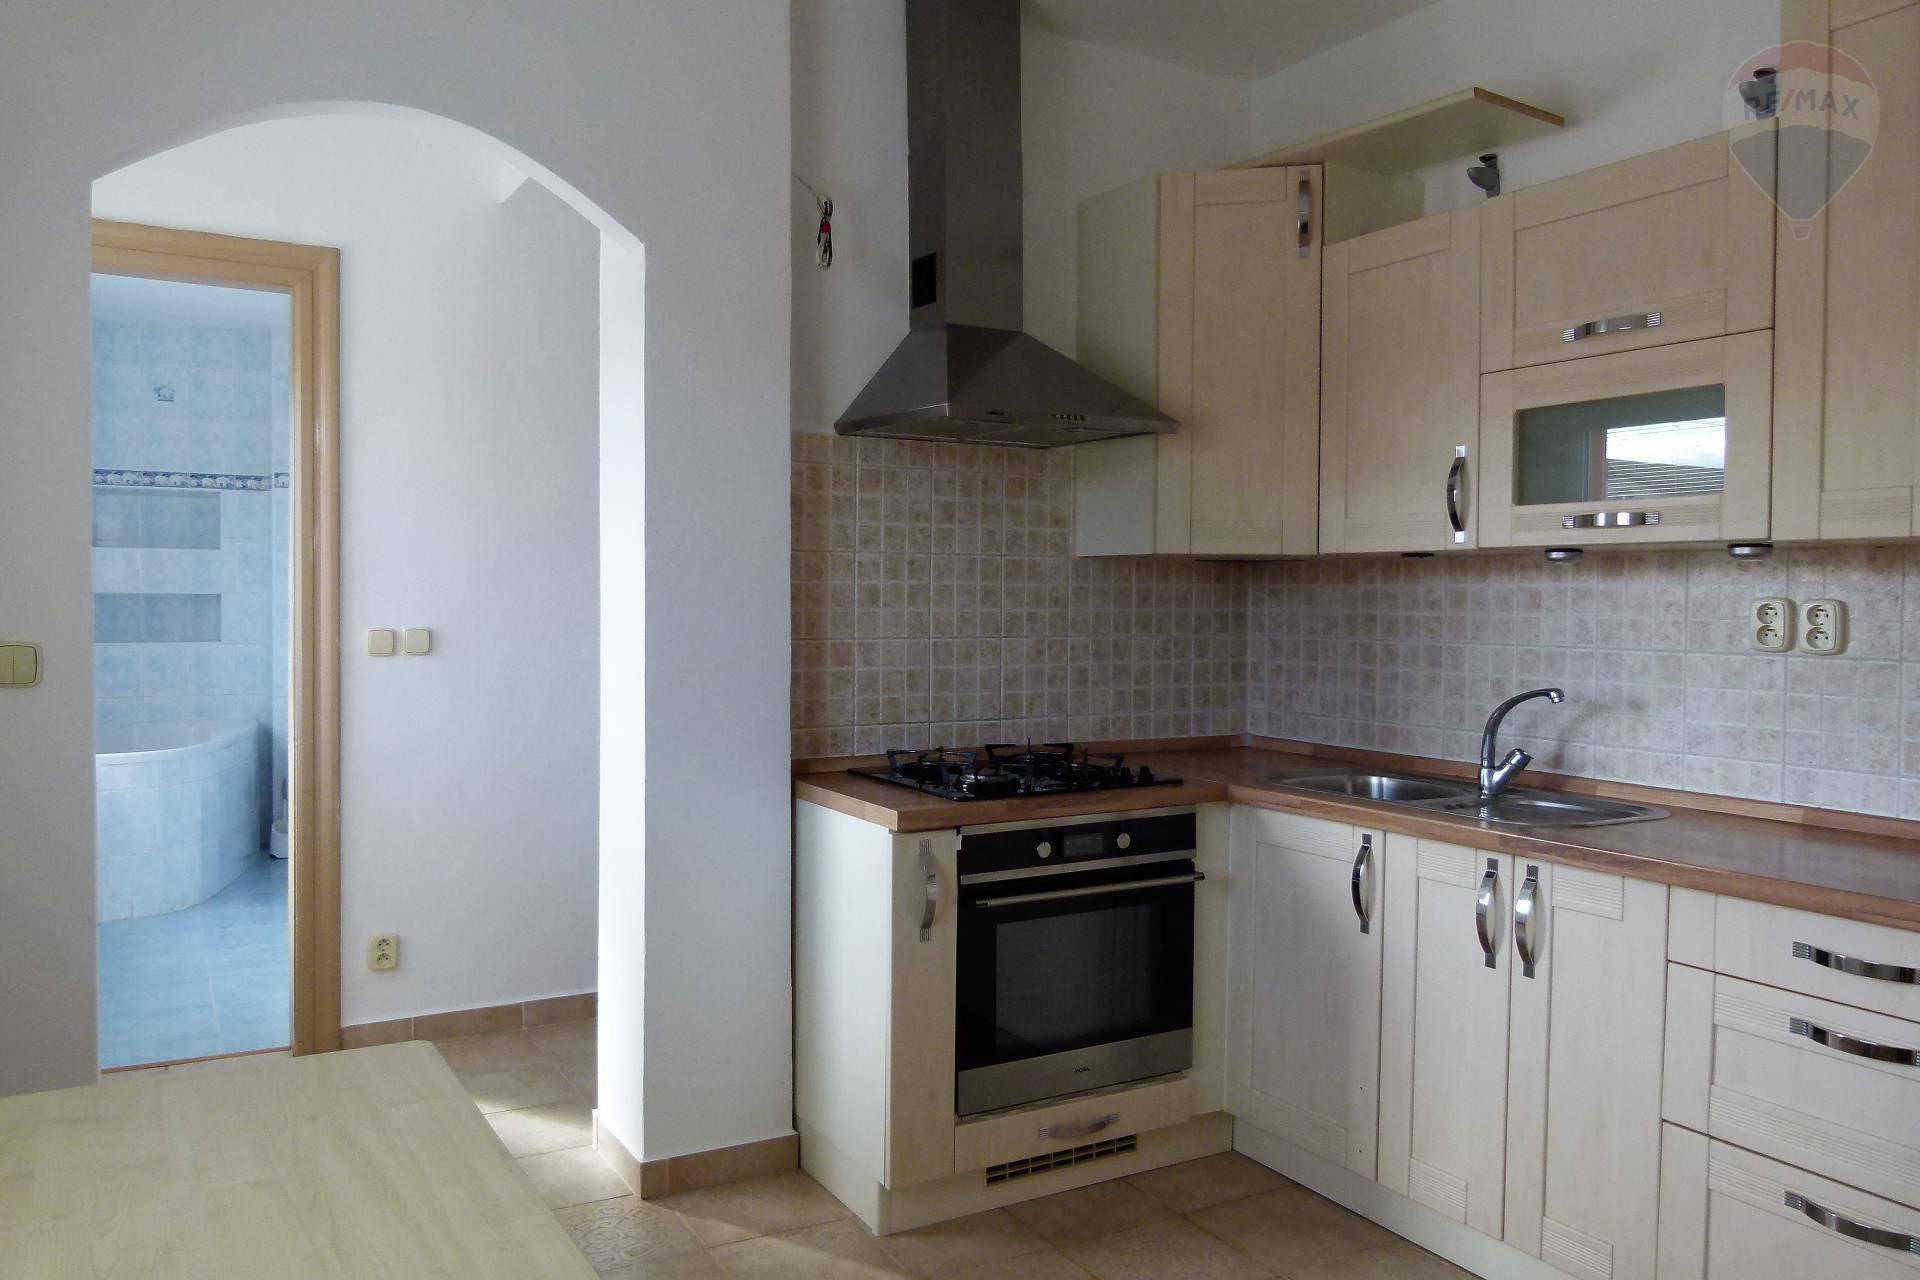 Prenájom bytu (3 izbový) 95 m2, Topoľčany - kuchyňa